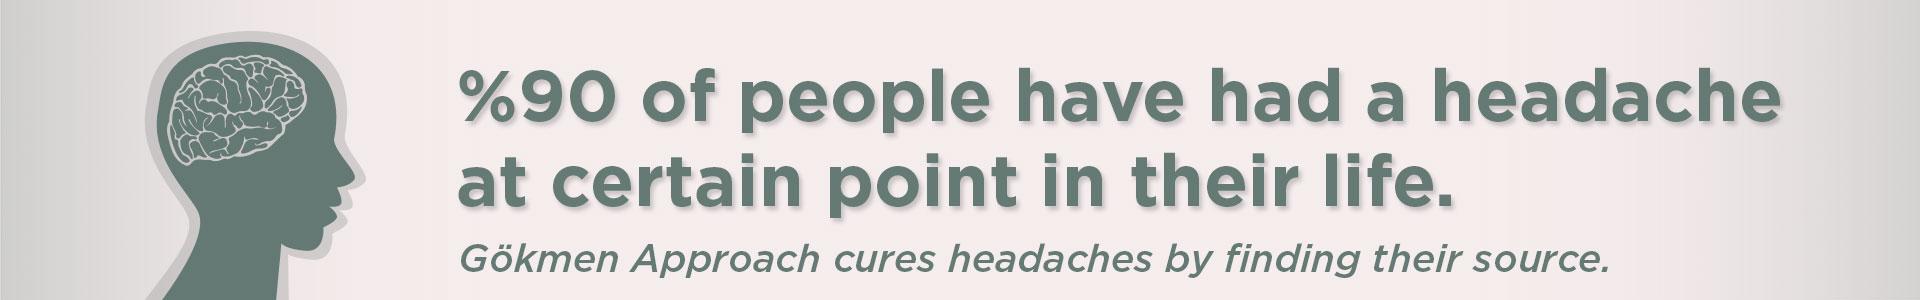 Headaches page header image Dr. Emel Gokmen